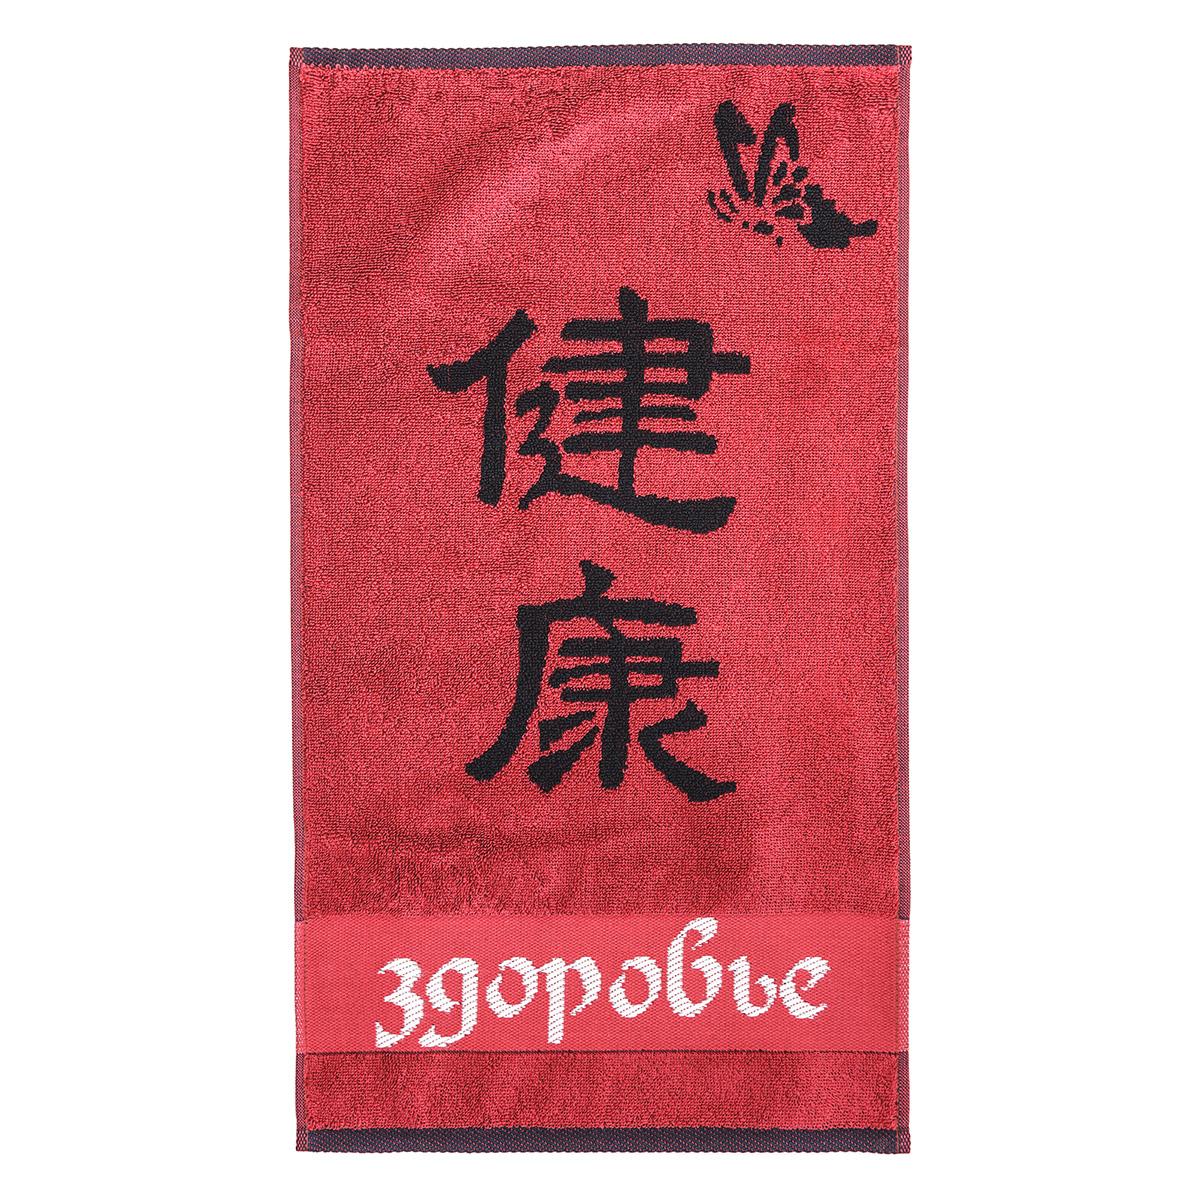 Полотенце Здоровье, размер 30х60 см.Махровые полотенца<br>Плотность ткани: 420 г/кв. м<br><br>Тип: Полотенце<br>Размер: 30х60<br>Материал: Махра